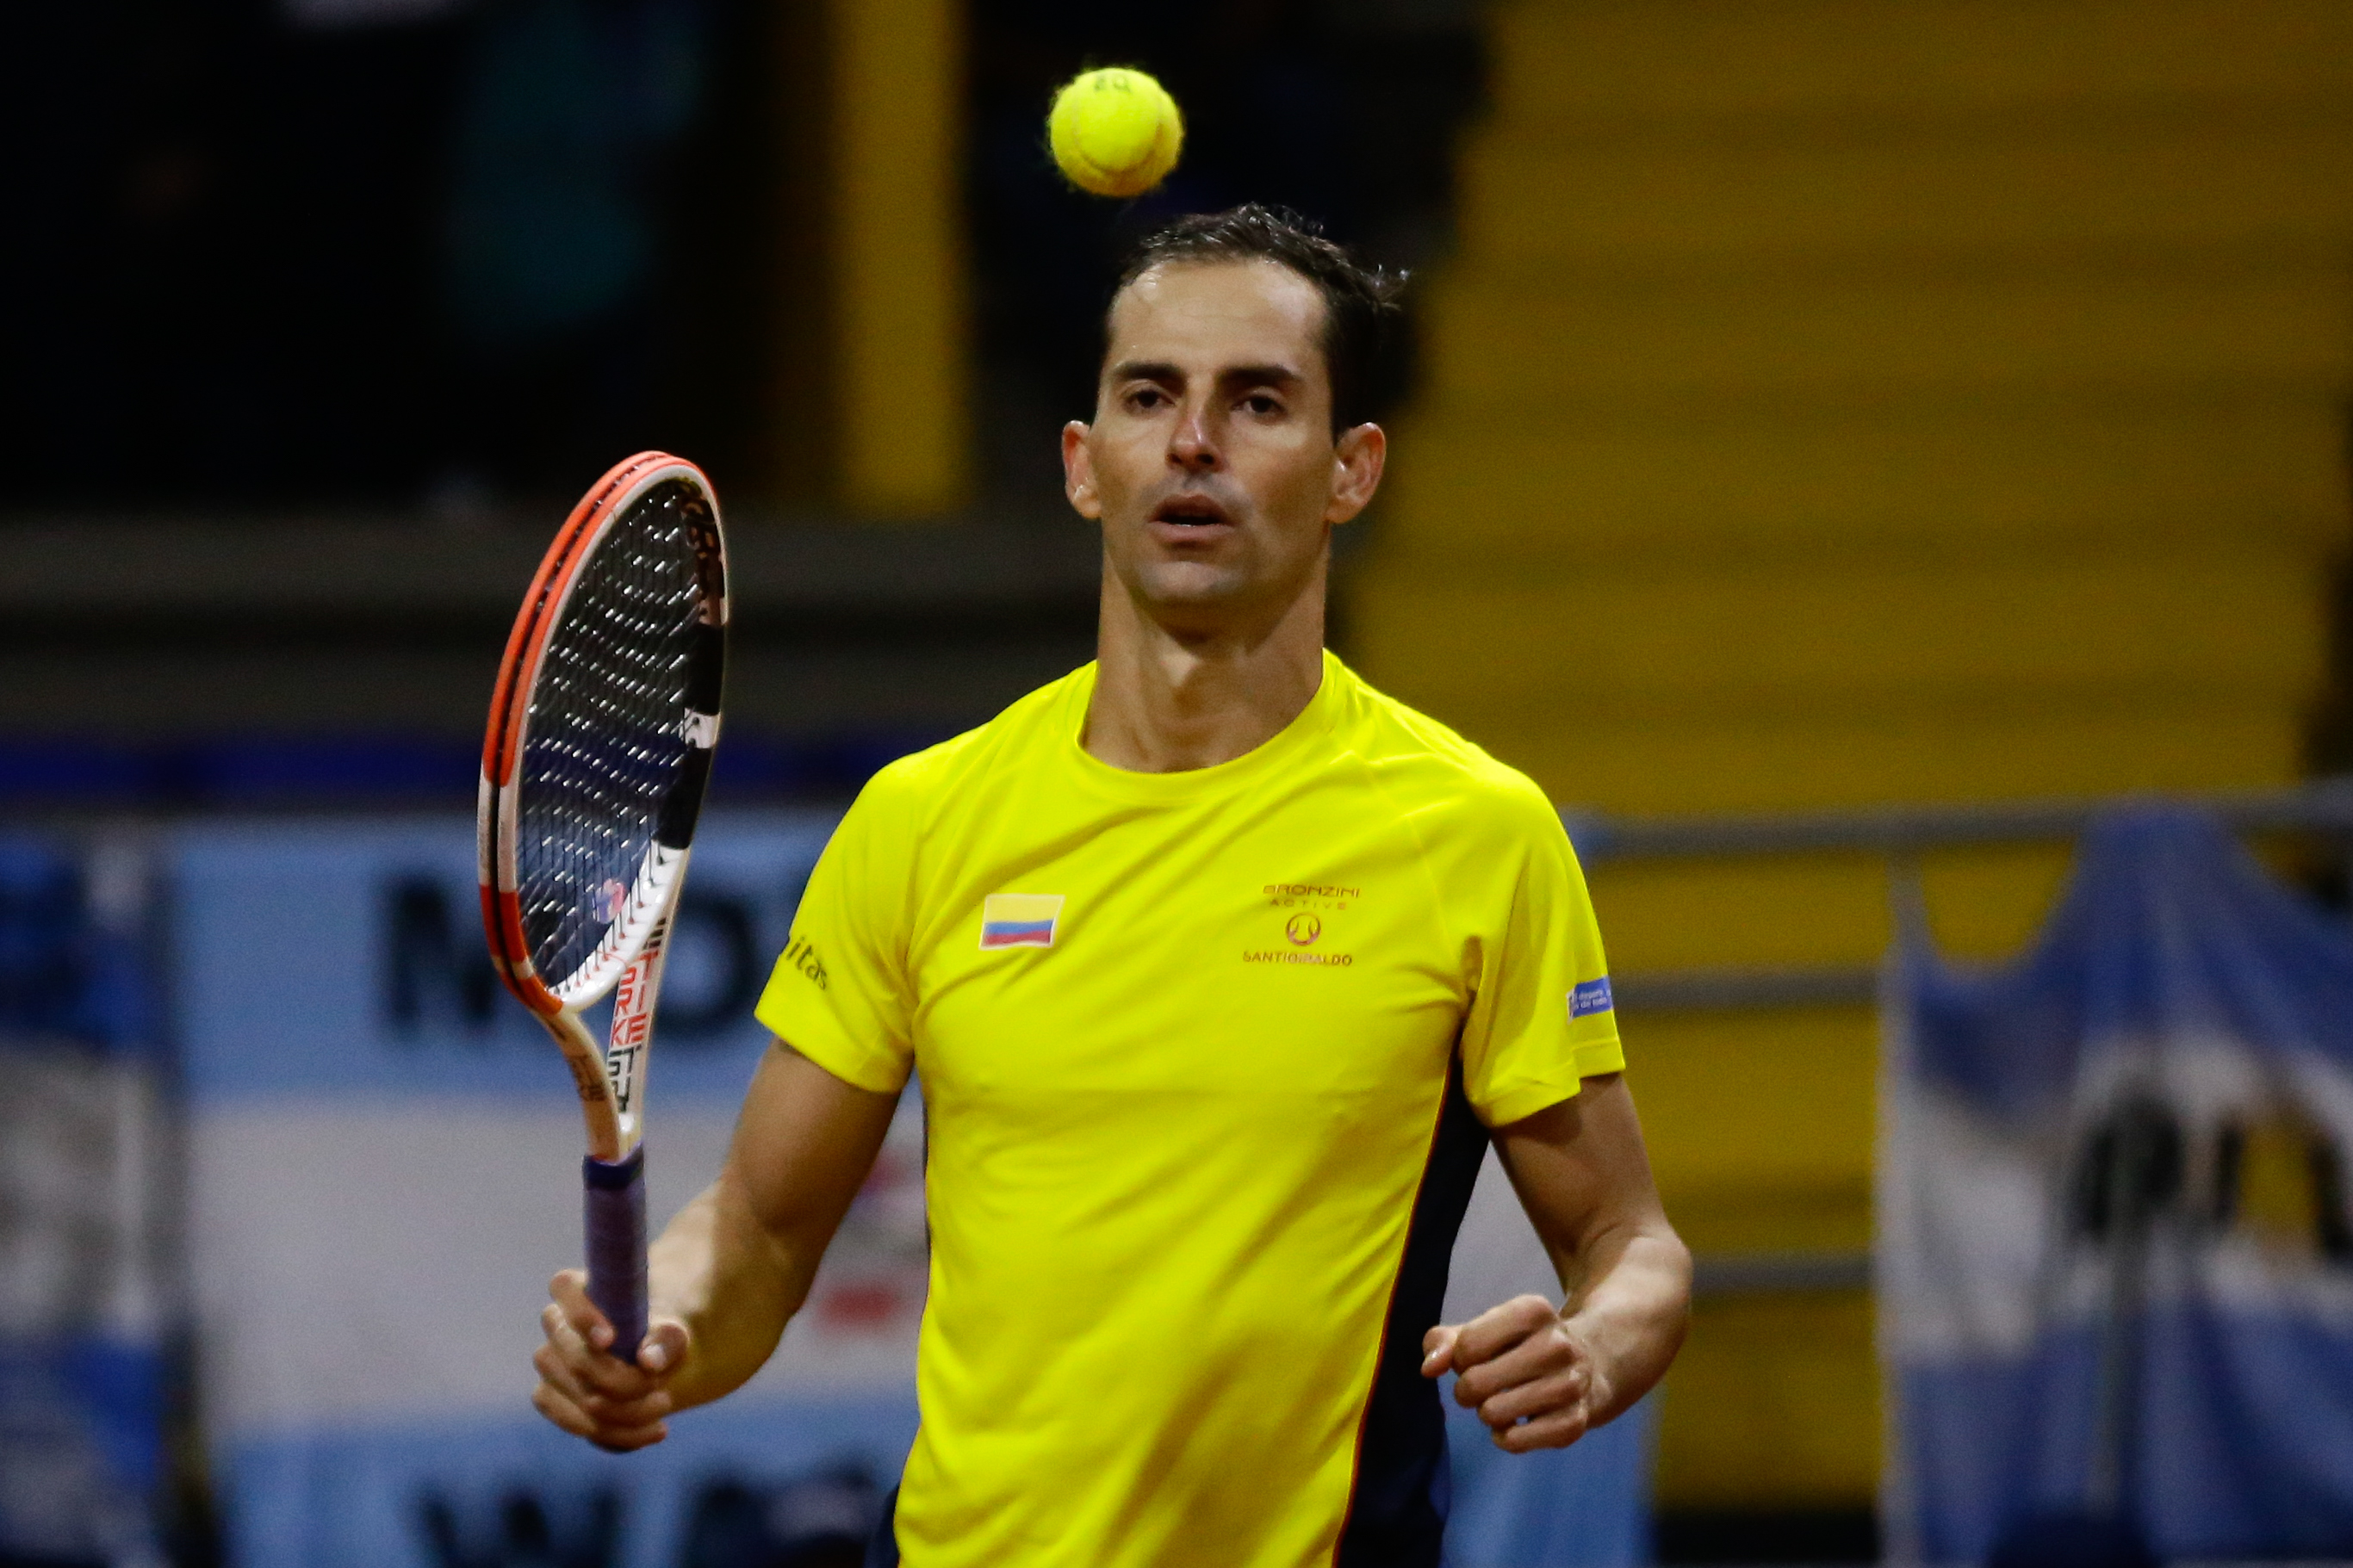 Federación Colombiana de Tenis presentó el reglamento para reactivar la práctica del deporte